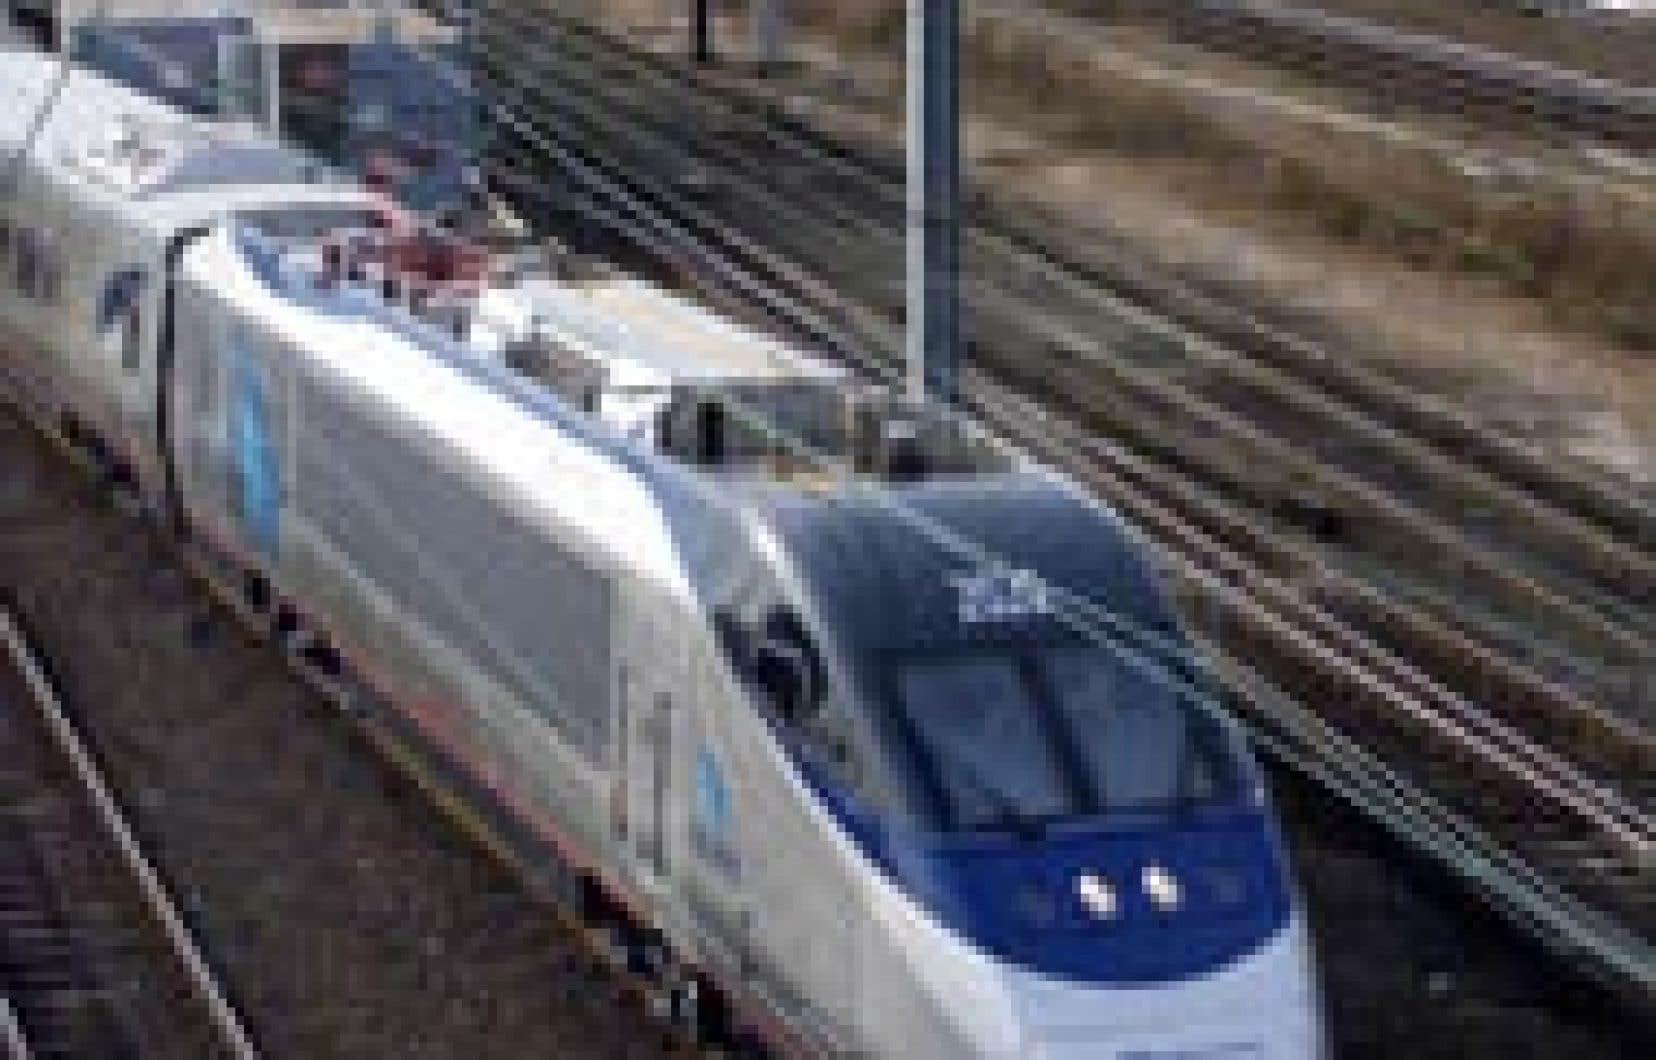 Le fameux train qui donne tant de souci à Amtrak et à Bombardier.